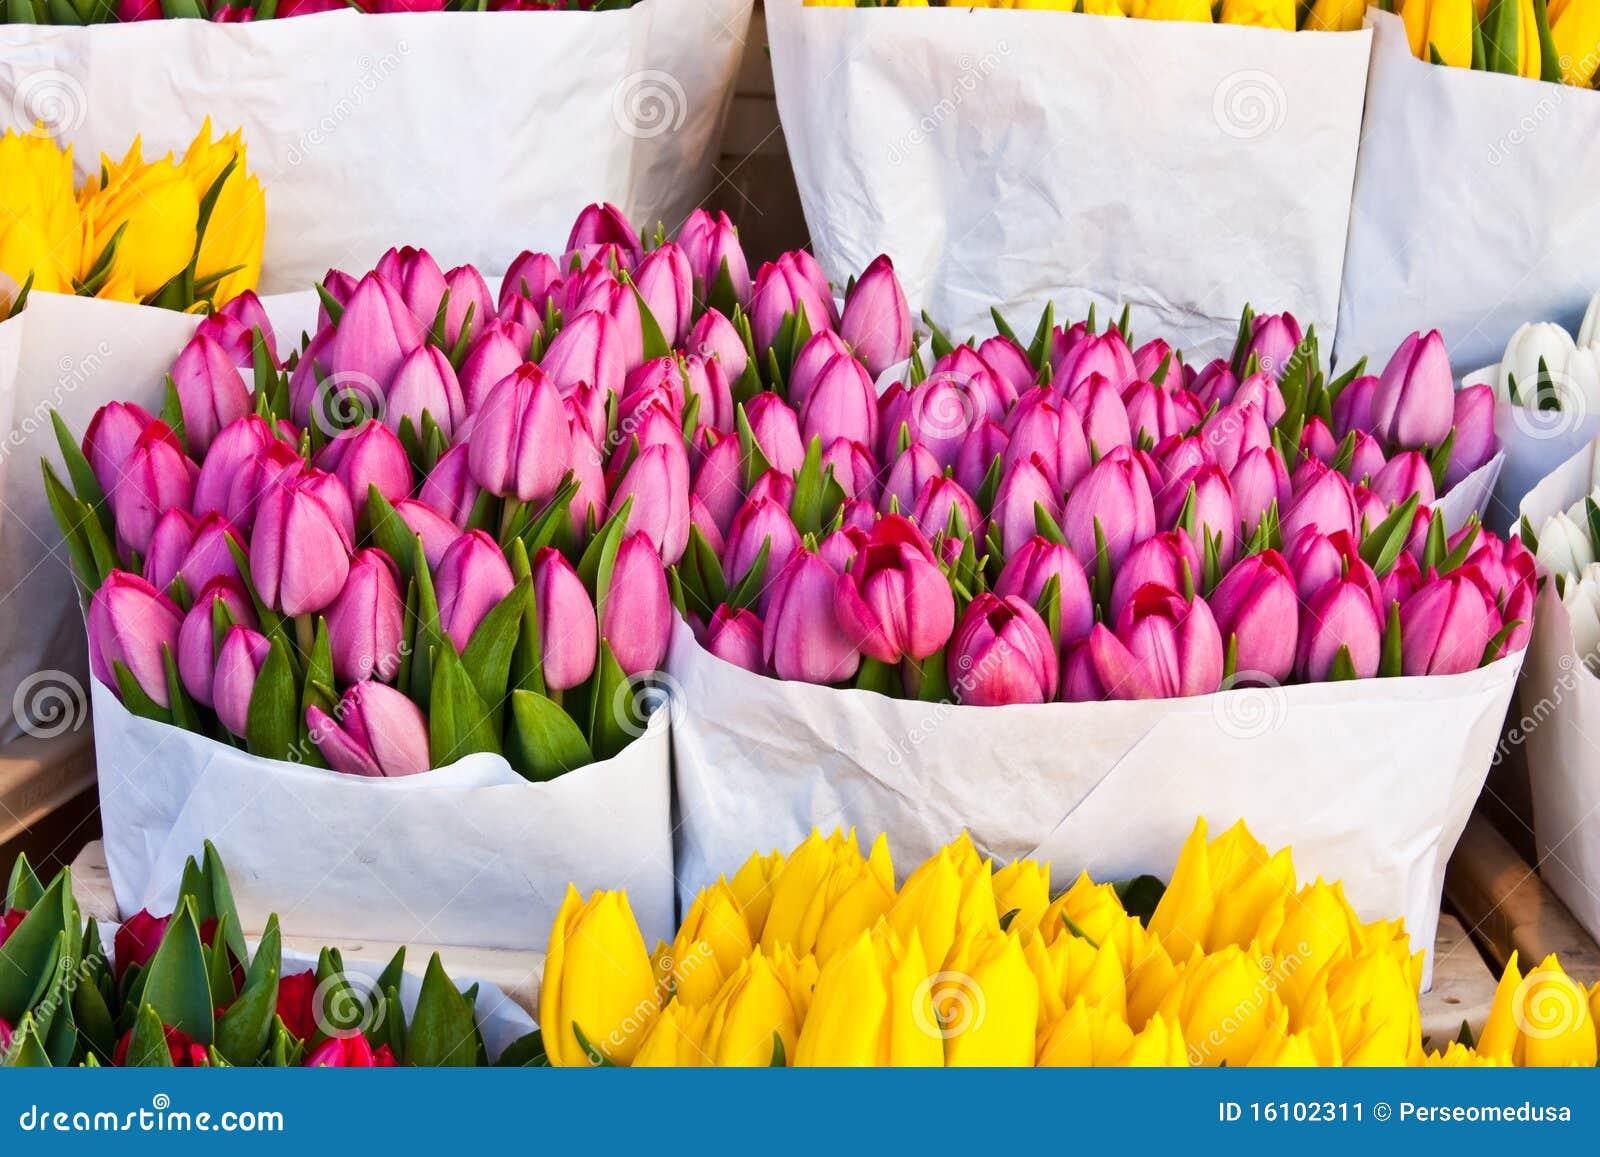 декабрь купить голандский тюльпан в москве район Луганской